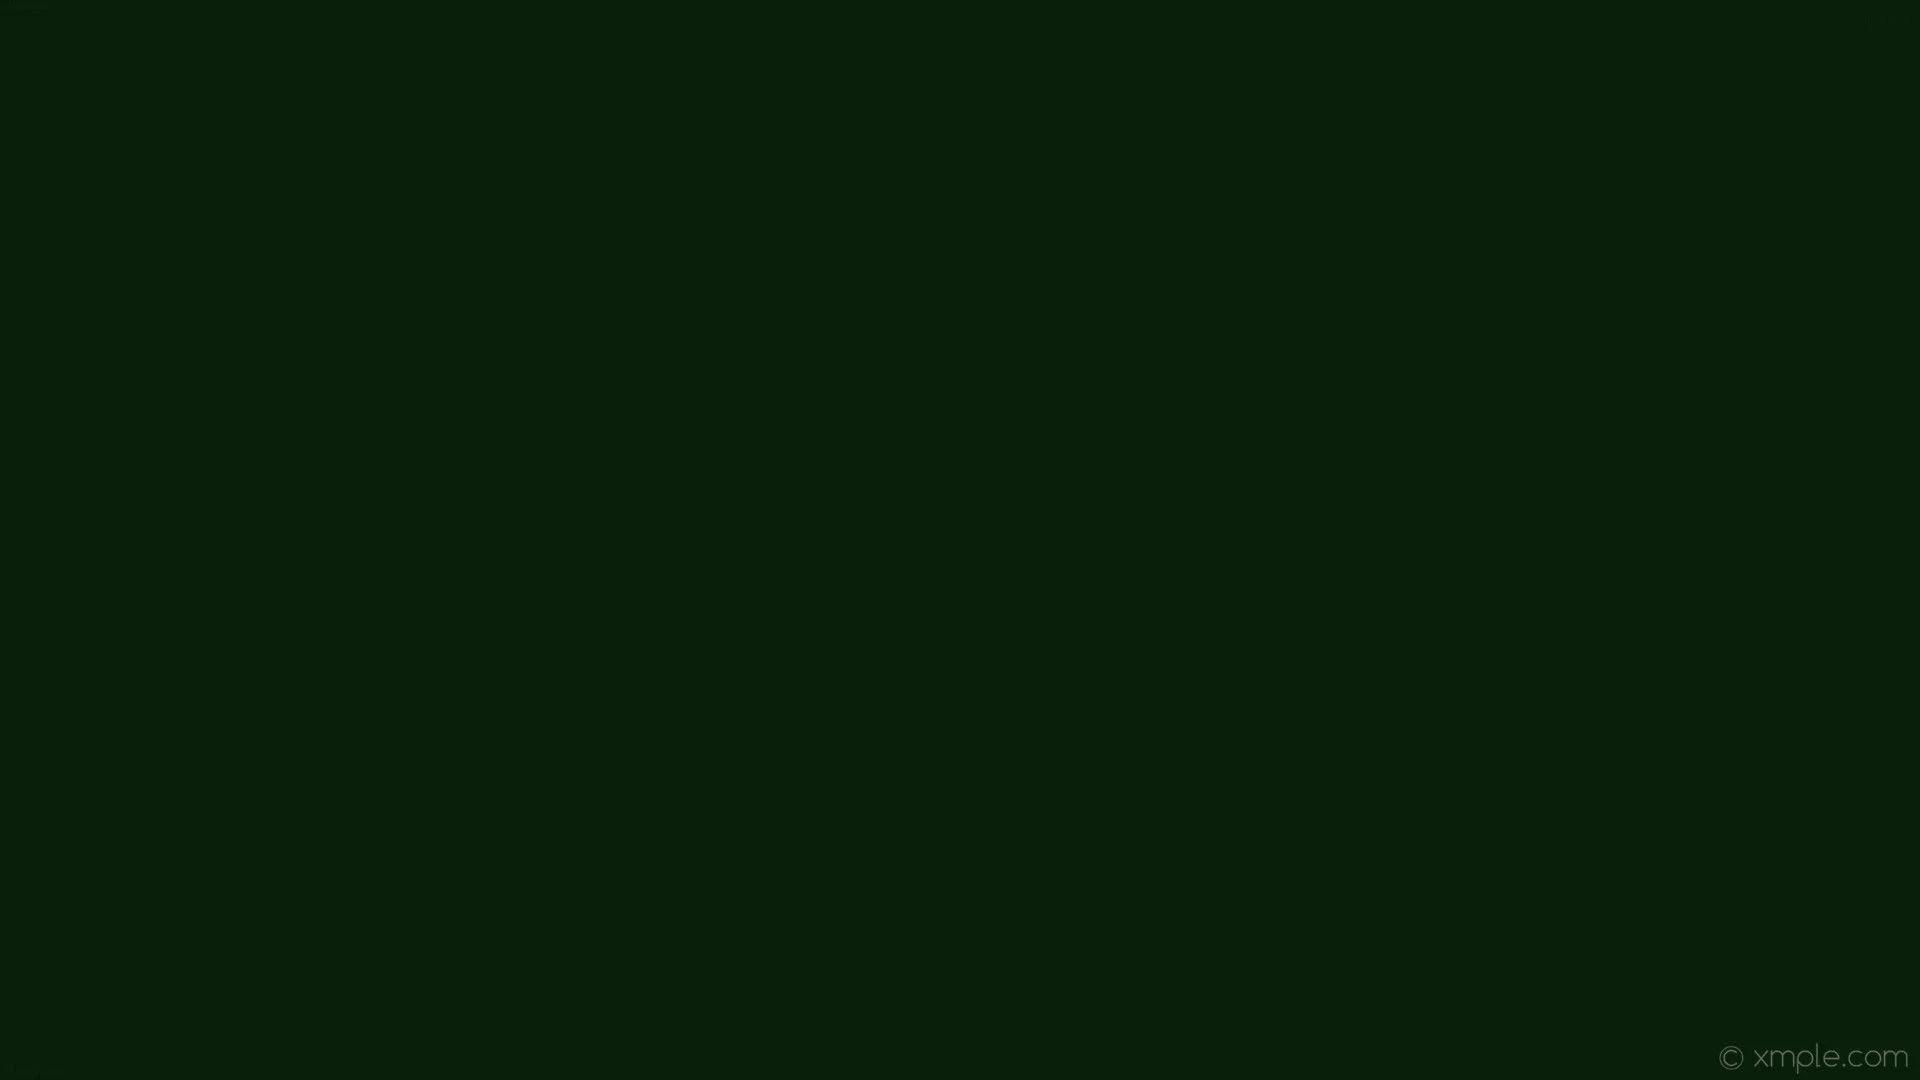 Solid Dark Green Wallpaper